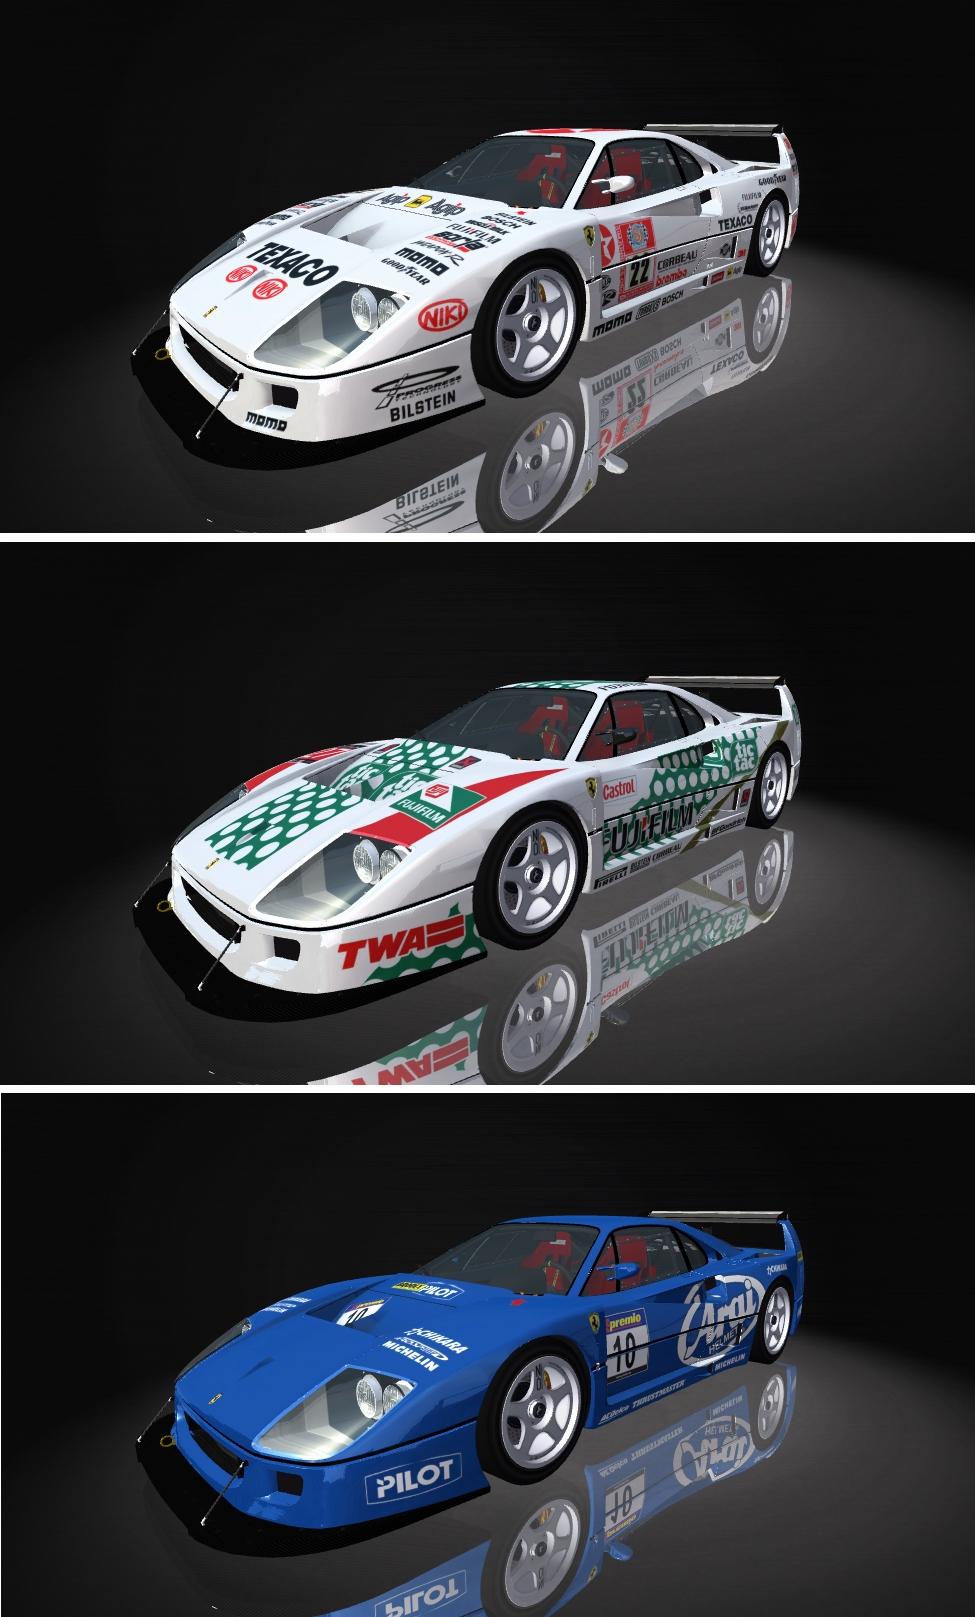 Ferrari_F40_compitizione_AMS_7.jpg